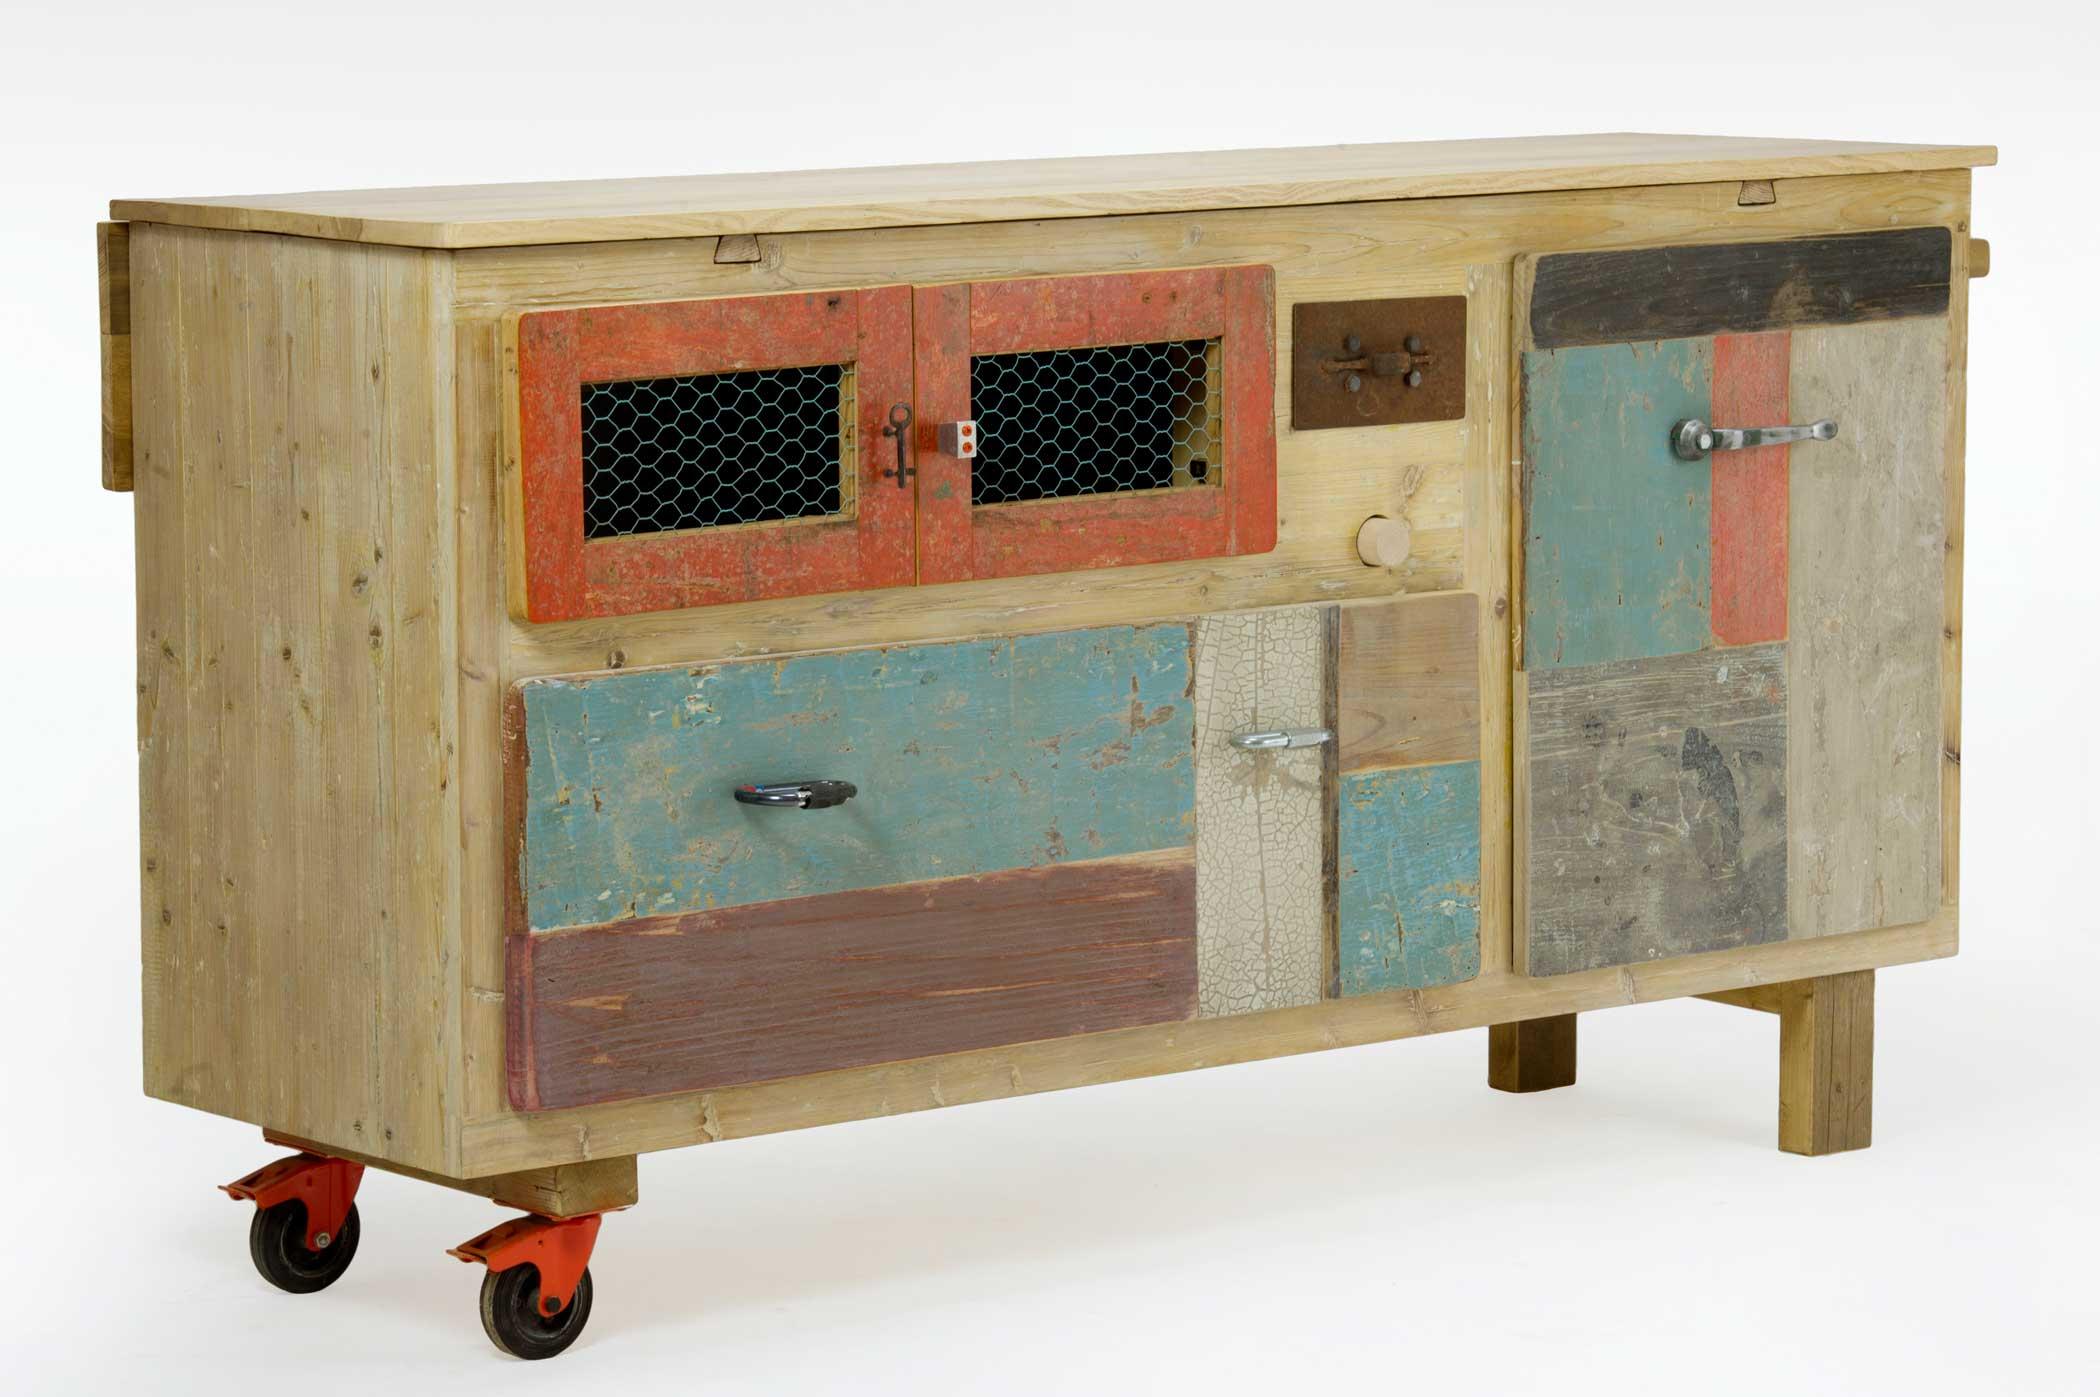 Credenza con piano allungabile. Struttura in legno di recupero. Frontali e cassetti in legno vintage rigenerato. Dispensa per pasta fatta in casa con mattarello.